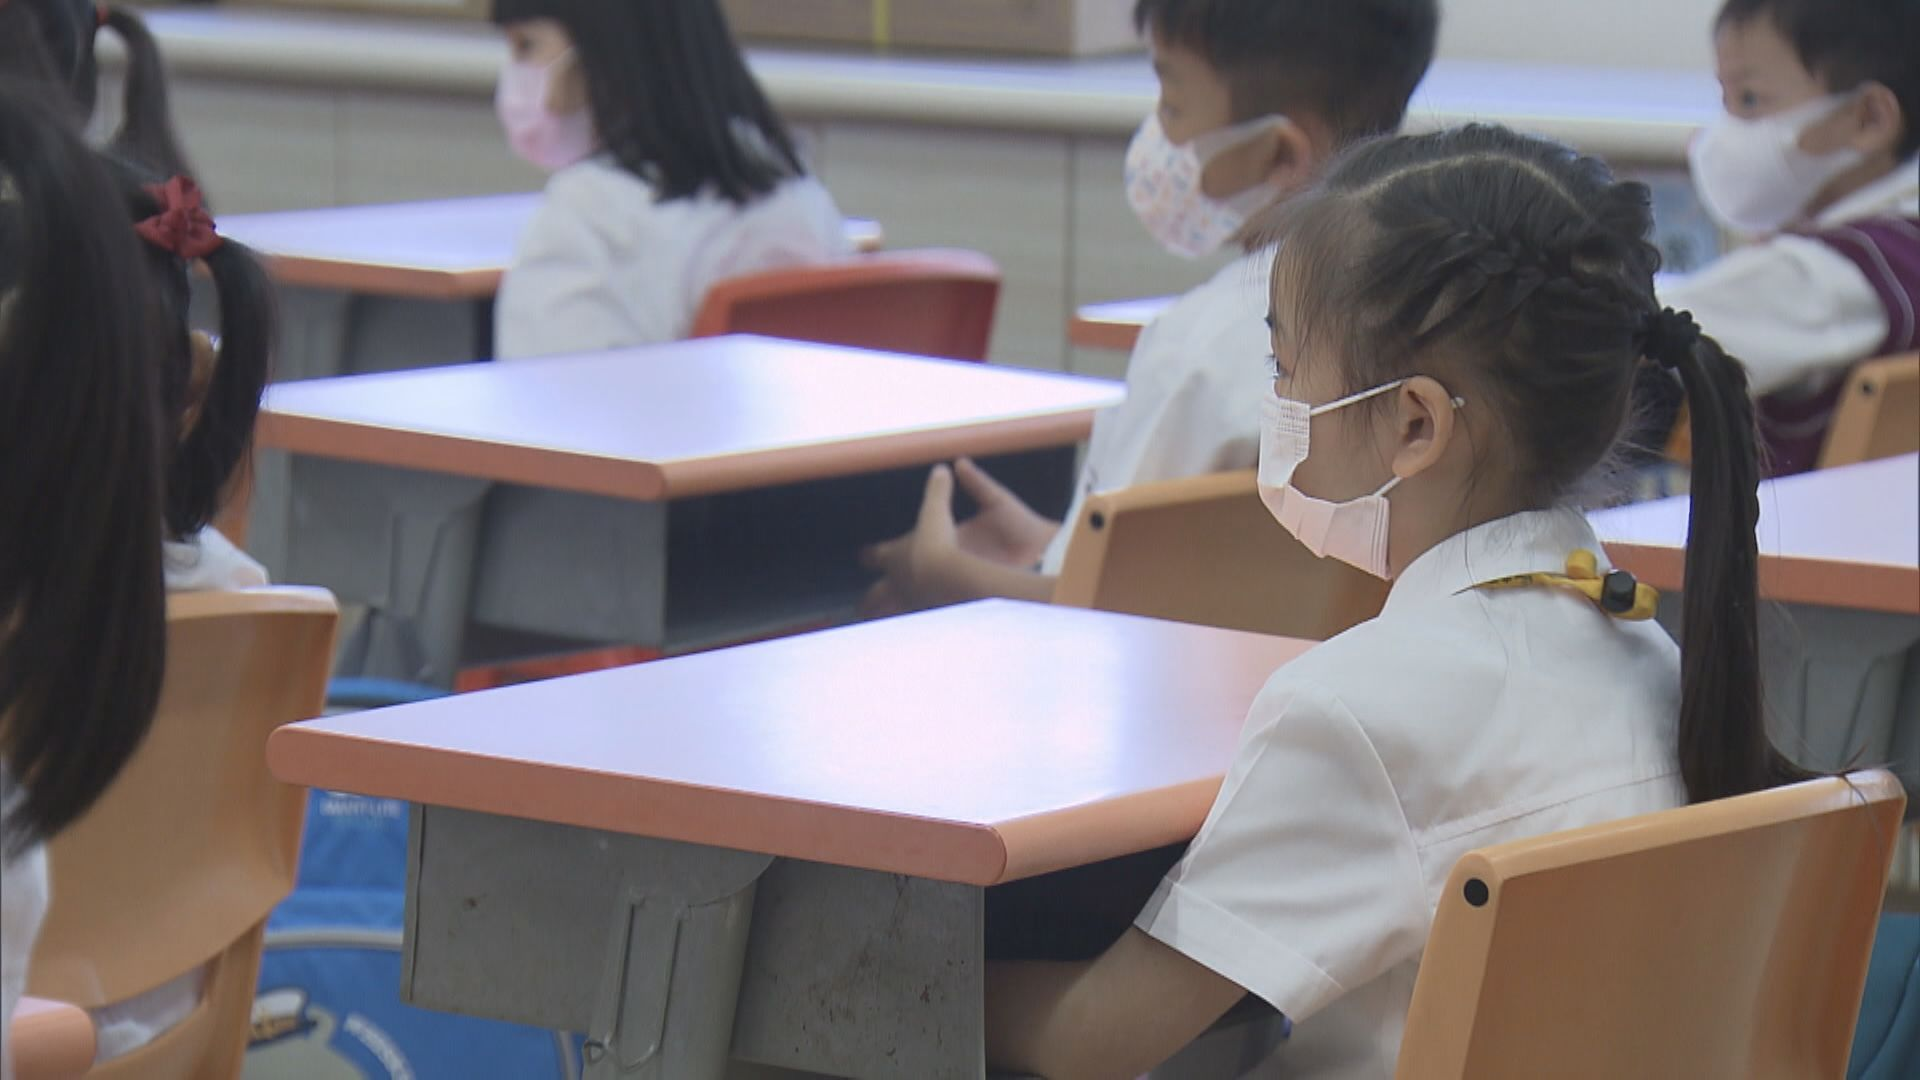 專家倡停課及在家工作 防止疫情進一步惡化